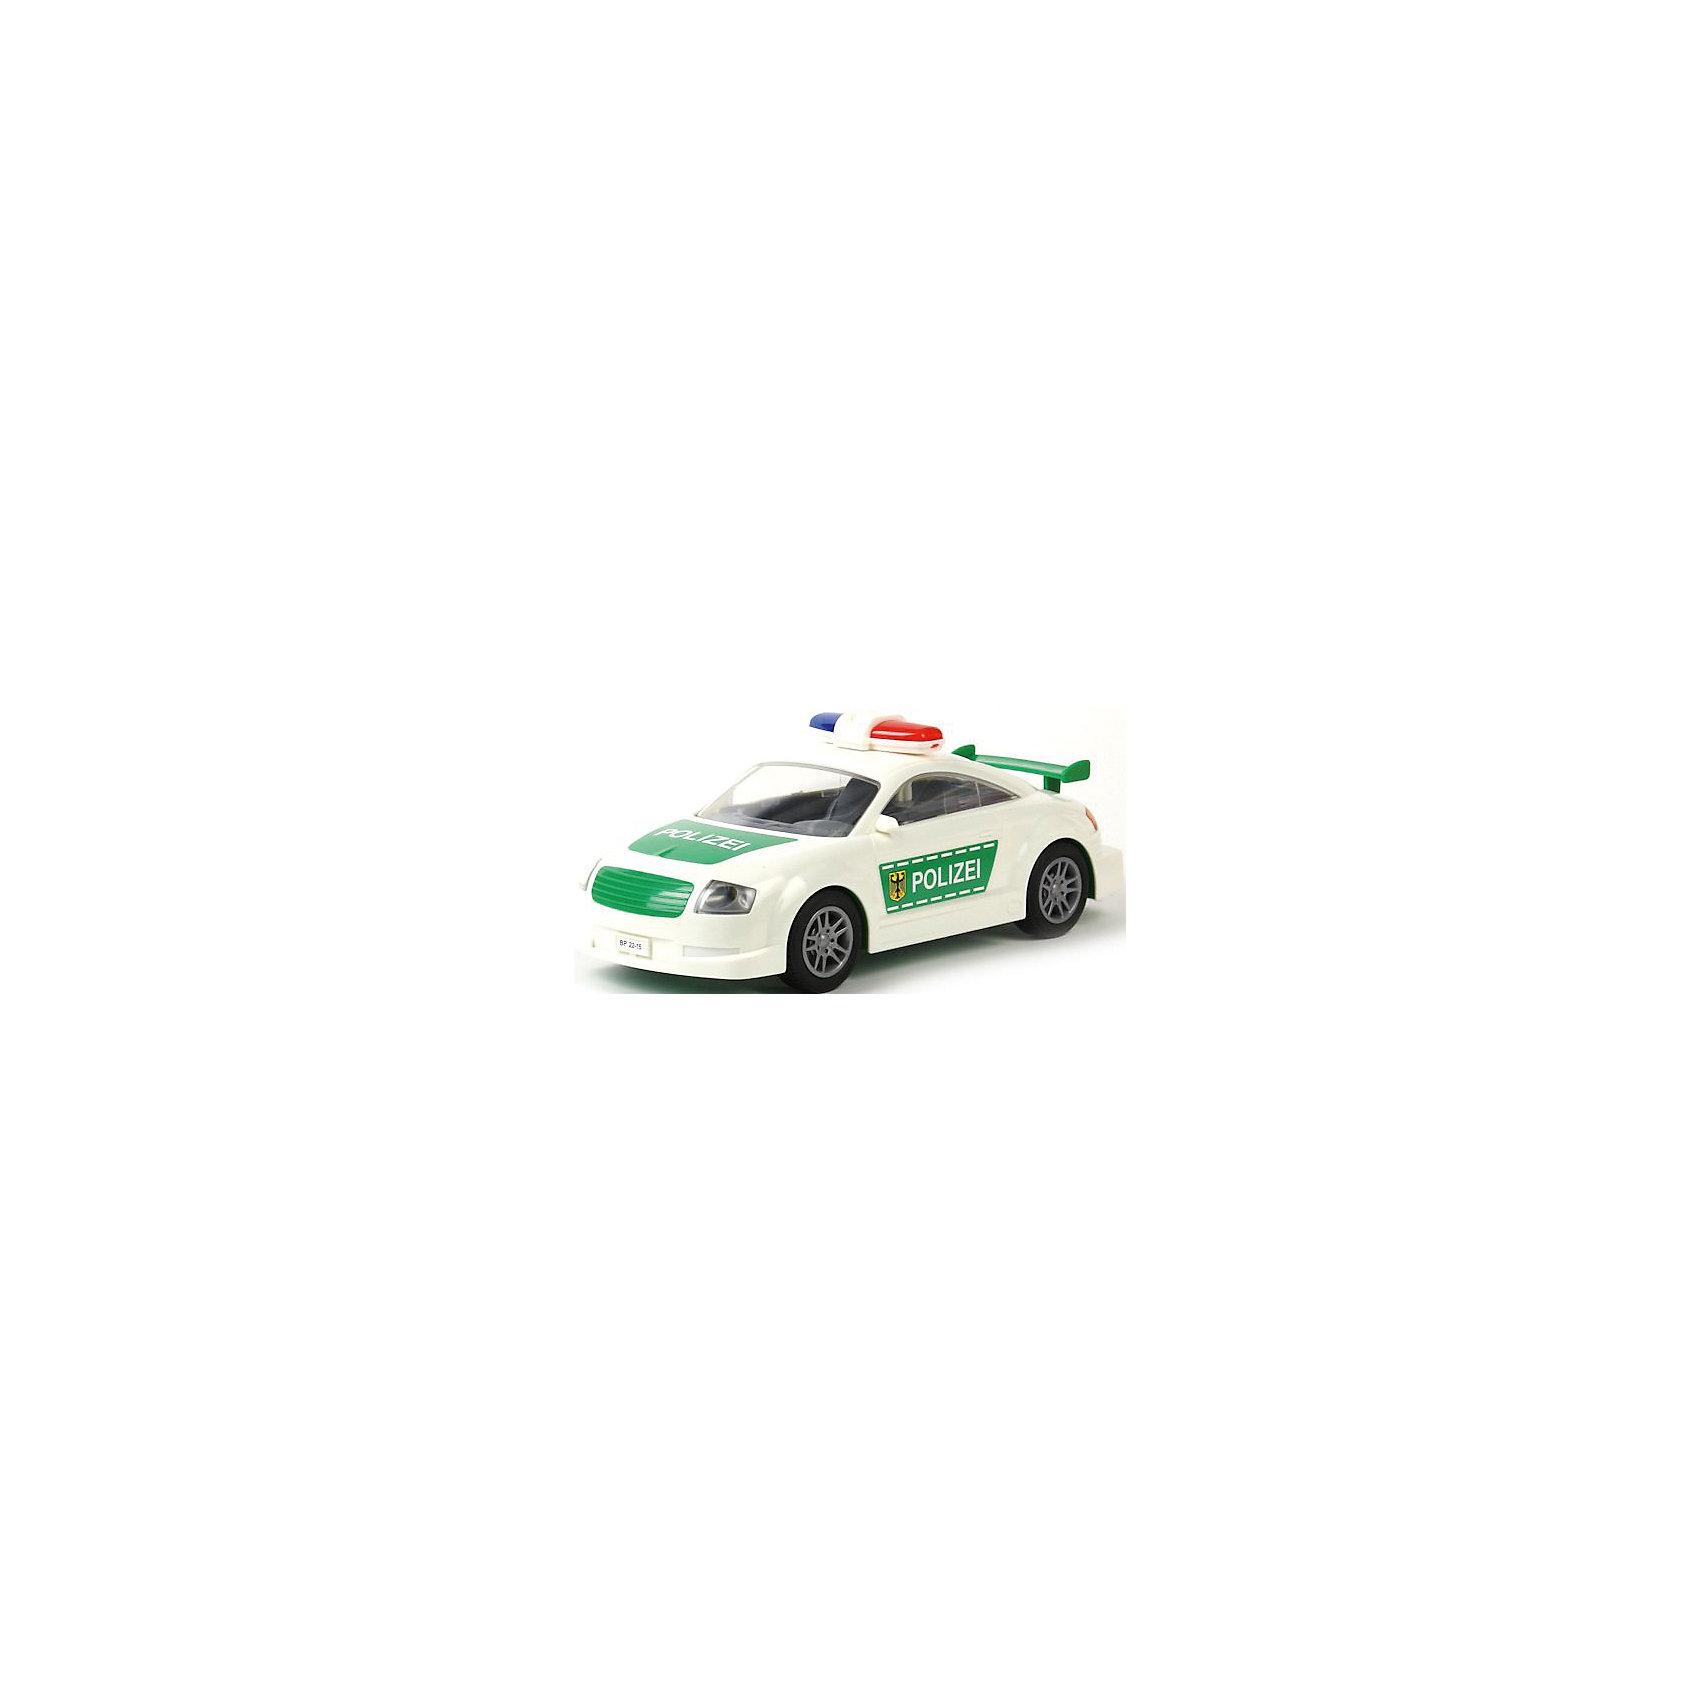 Автомобиль Полиция, инерционный, ПолесьеАвтомобиль Полиция, инерционный, Полесье.<br><br>Характеристики:<br><br>- Размер игрушки: 27х10,5х11 см.<br>- Материал: прочный пластик, резина<br><br>Инерционный автомобиль «Полиция» - это точная копия настоящей машины. Машина имеет мигалку, спойлер, резиновые колеса и очень реалистичную символику на корпусе. Инерционный механизм позволяет машине продолжать свое движение после запуска. Колеса надежно закреплены на металлических осях. Ребенок будет в восторге от игрушки, ведь на машине можно быстро домчаться на место преступления или устроить настоящую погоню за преступником.<br><br>Автомобиль Полиция, инерционный, Полесье можно купить в нашем интернет-магазине.<br><br>Ширина мм: 265<br>Глубина мм: 115<br>Высота мм: 100<br>Вес г: 330<br>Возраст от месяцев: 36<br>Возраст до месяцев: 96<br>Пол: Мужской<br>Возраст: Детский<br>SKU: 4763437